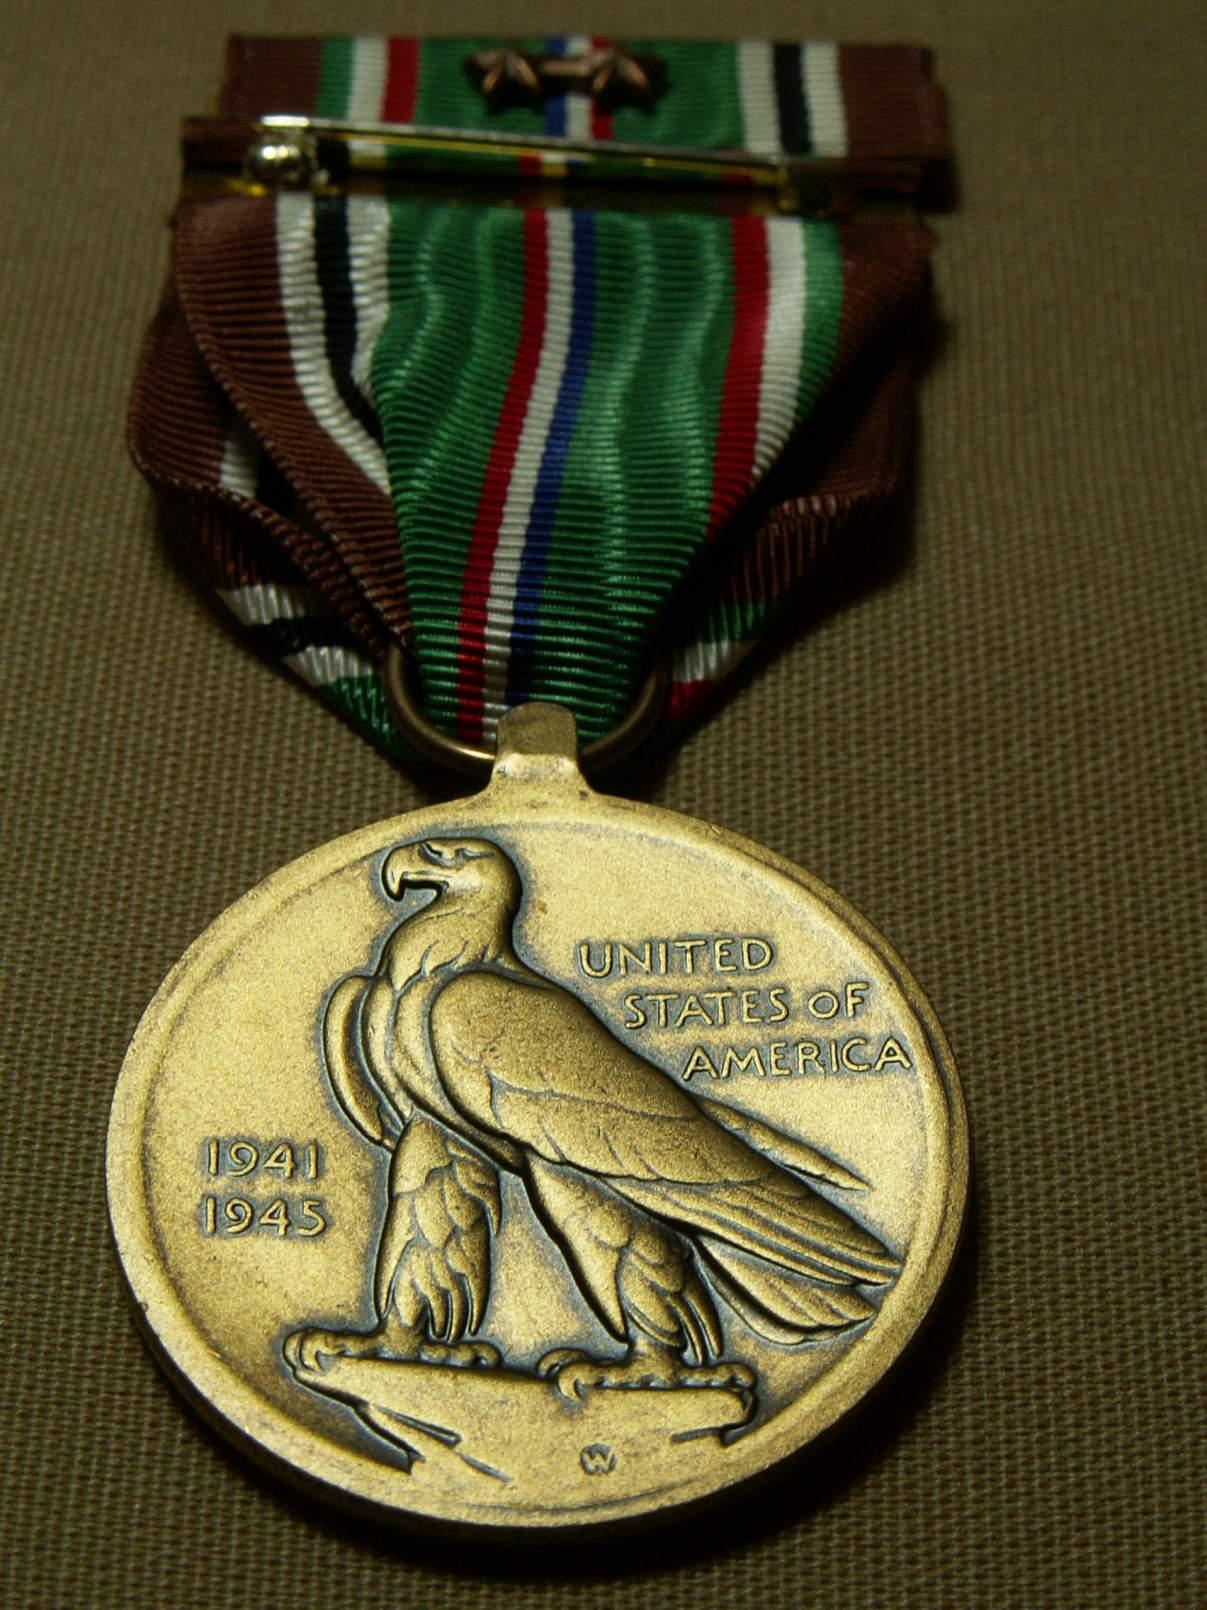 http://www.warrelics.eu/forum/attachments/orders-medals-decorations/431238d1354727865-pacific-campaign-medal-original-pict0163.jpg